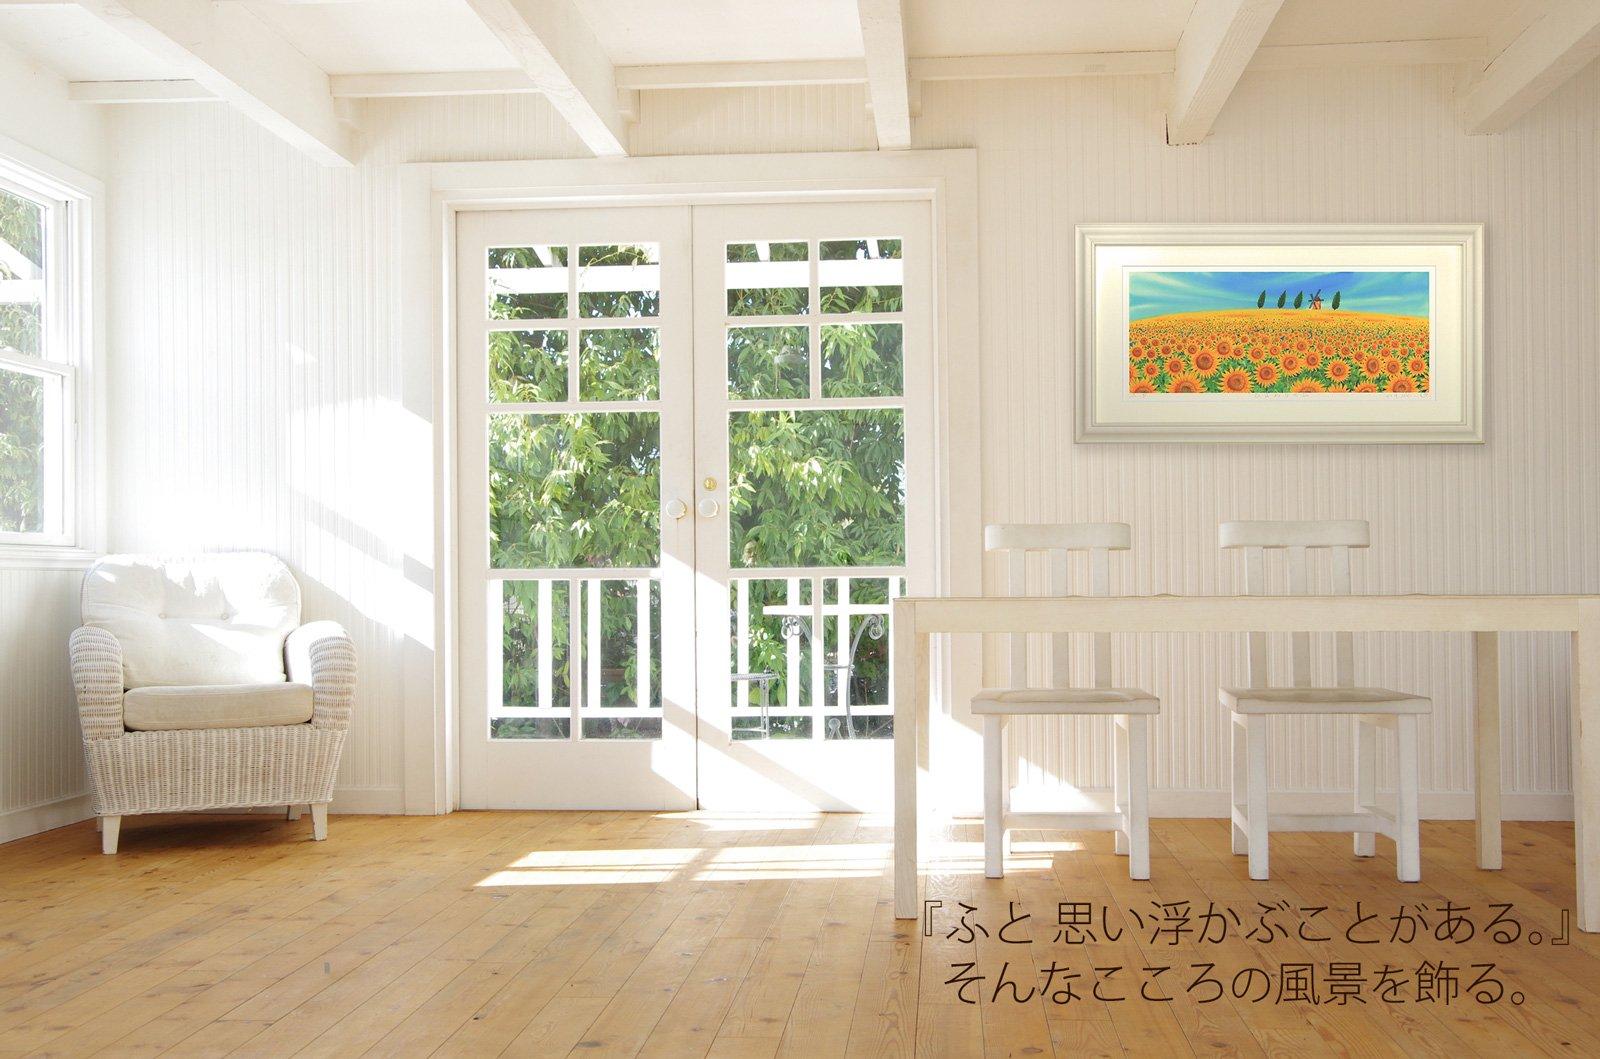 《絵画 水彩画》午後の窓辺〔栗乃木ハルミ くりのきはるみ 〕